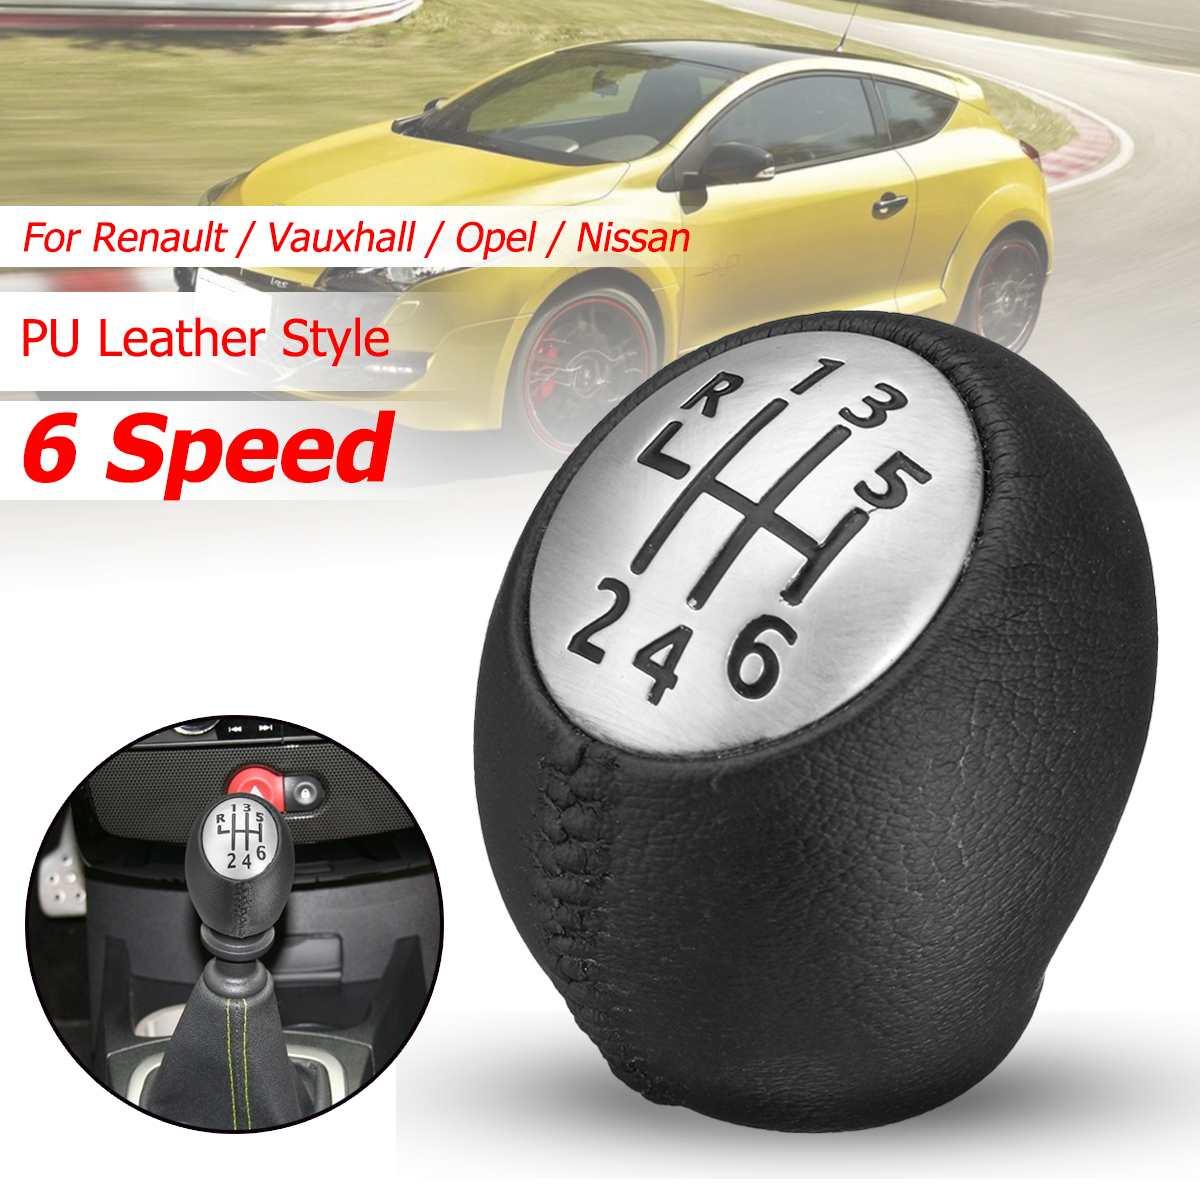 Palanca de palanca de cambio de cambios de cuero PU de 6 velocidades para Renault Megane Clio Laguna escénica para Opel